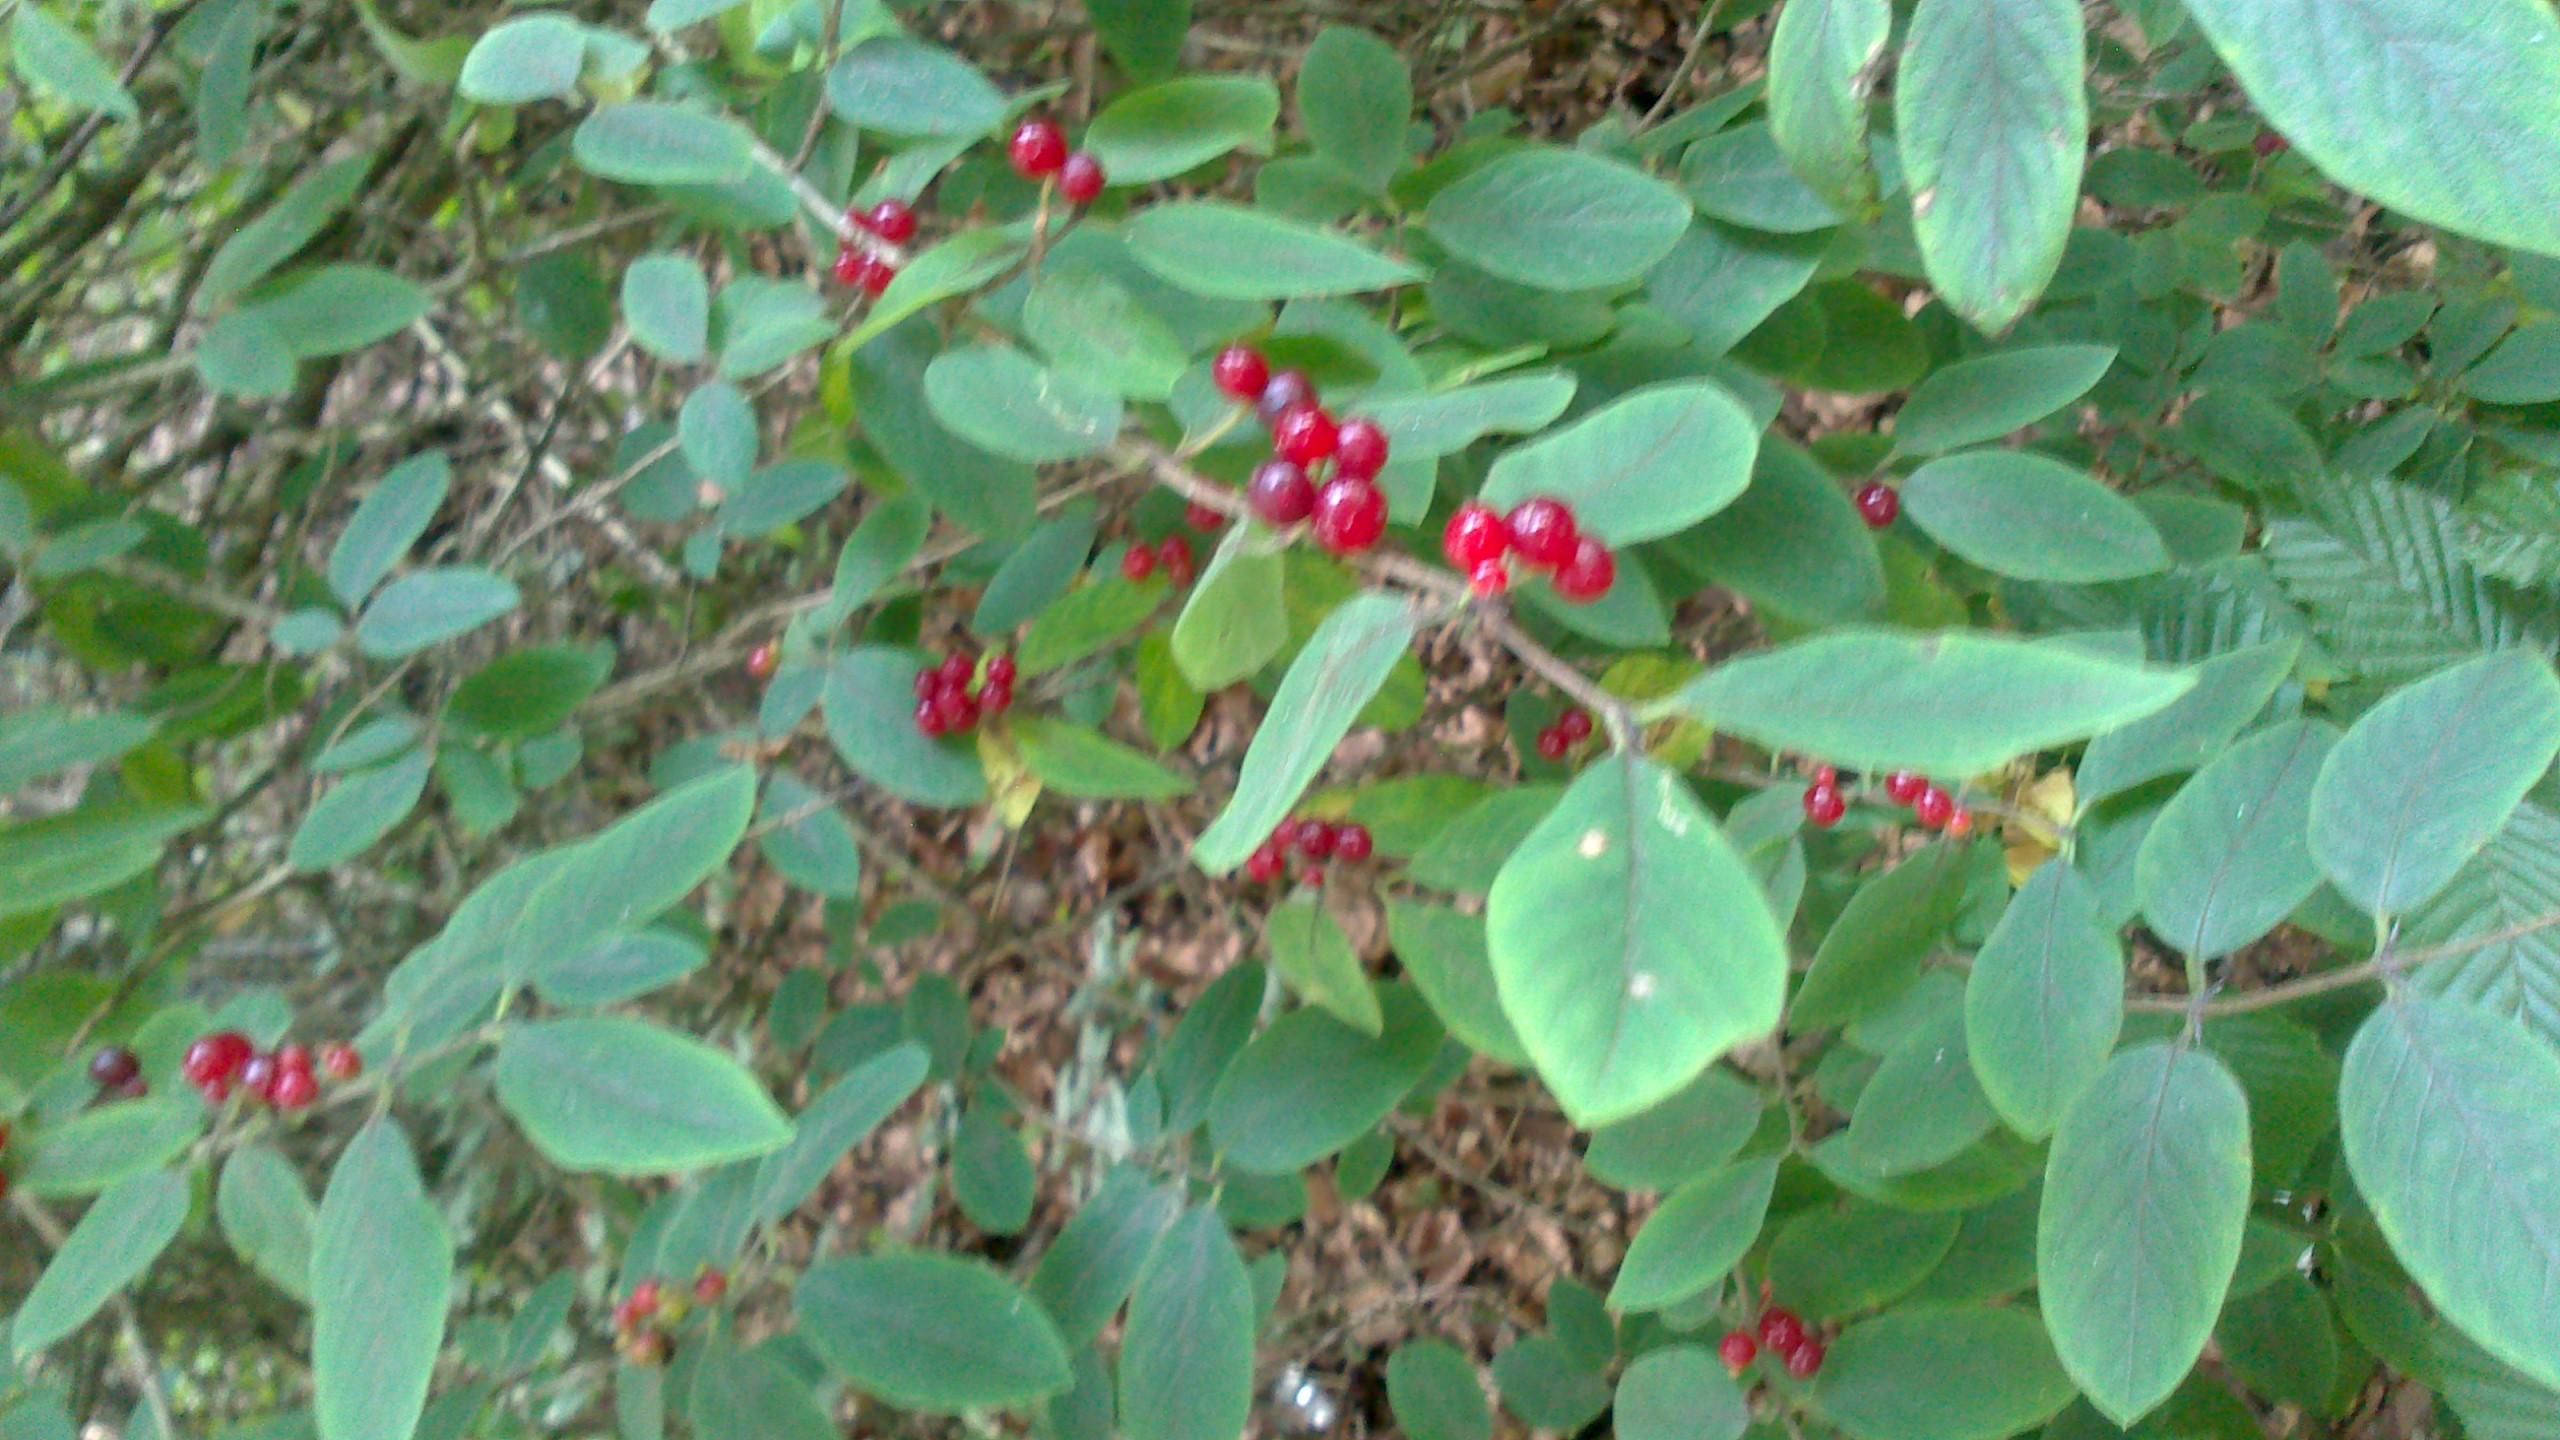 Beere Pflanze Sieht Aus Wie Rote Johannisbeere Giftig Gesundheit